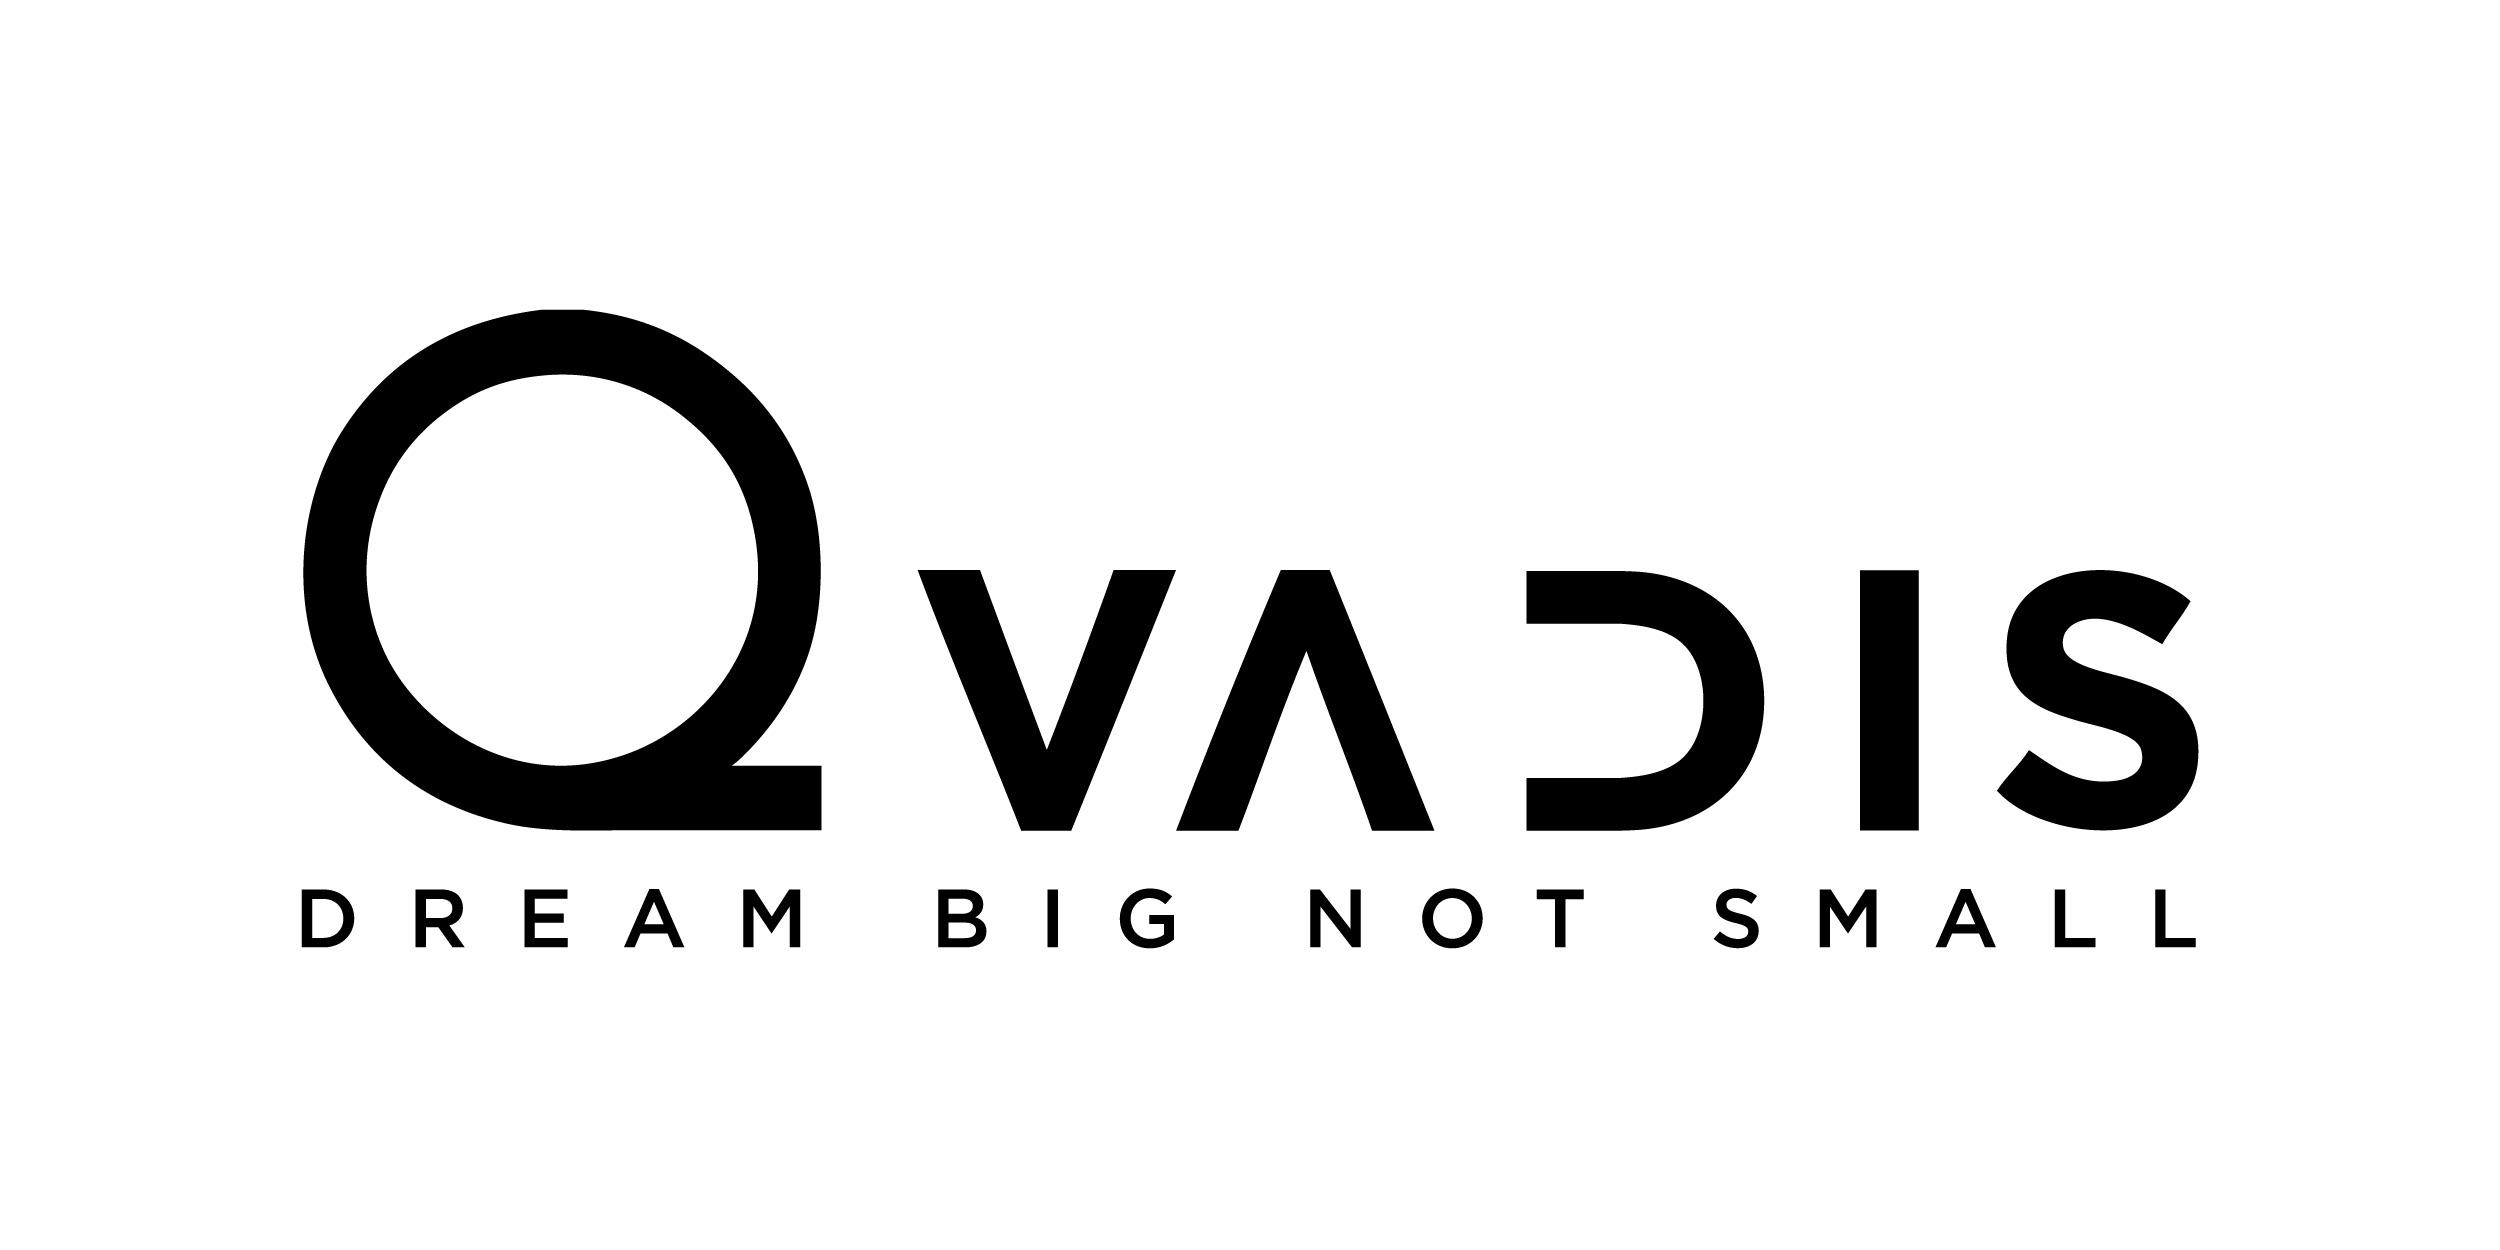 logo qvadis